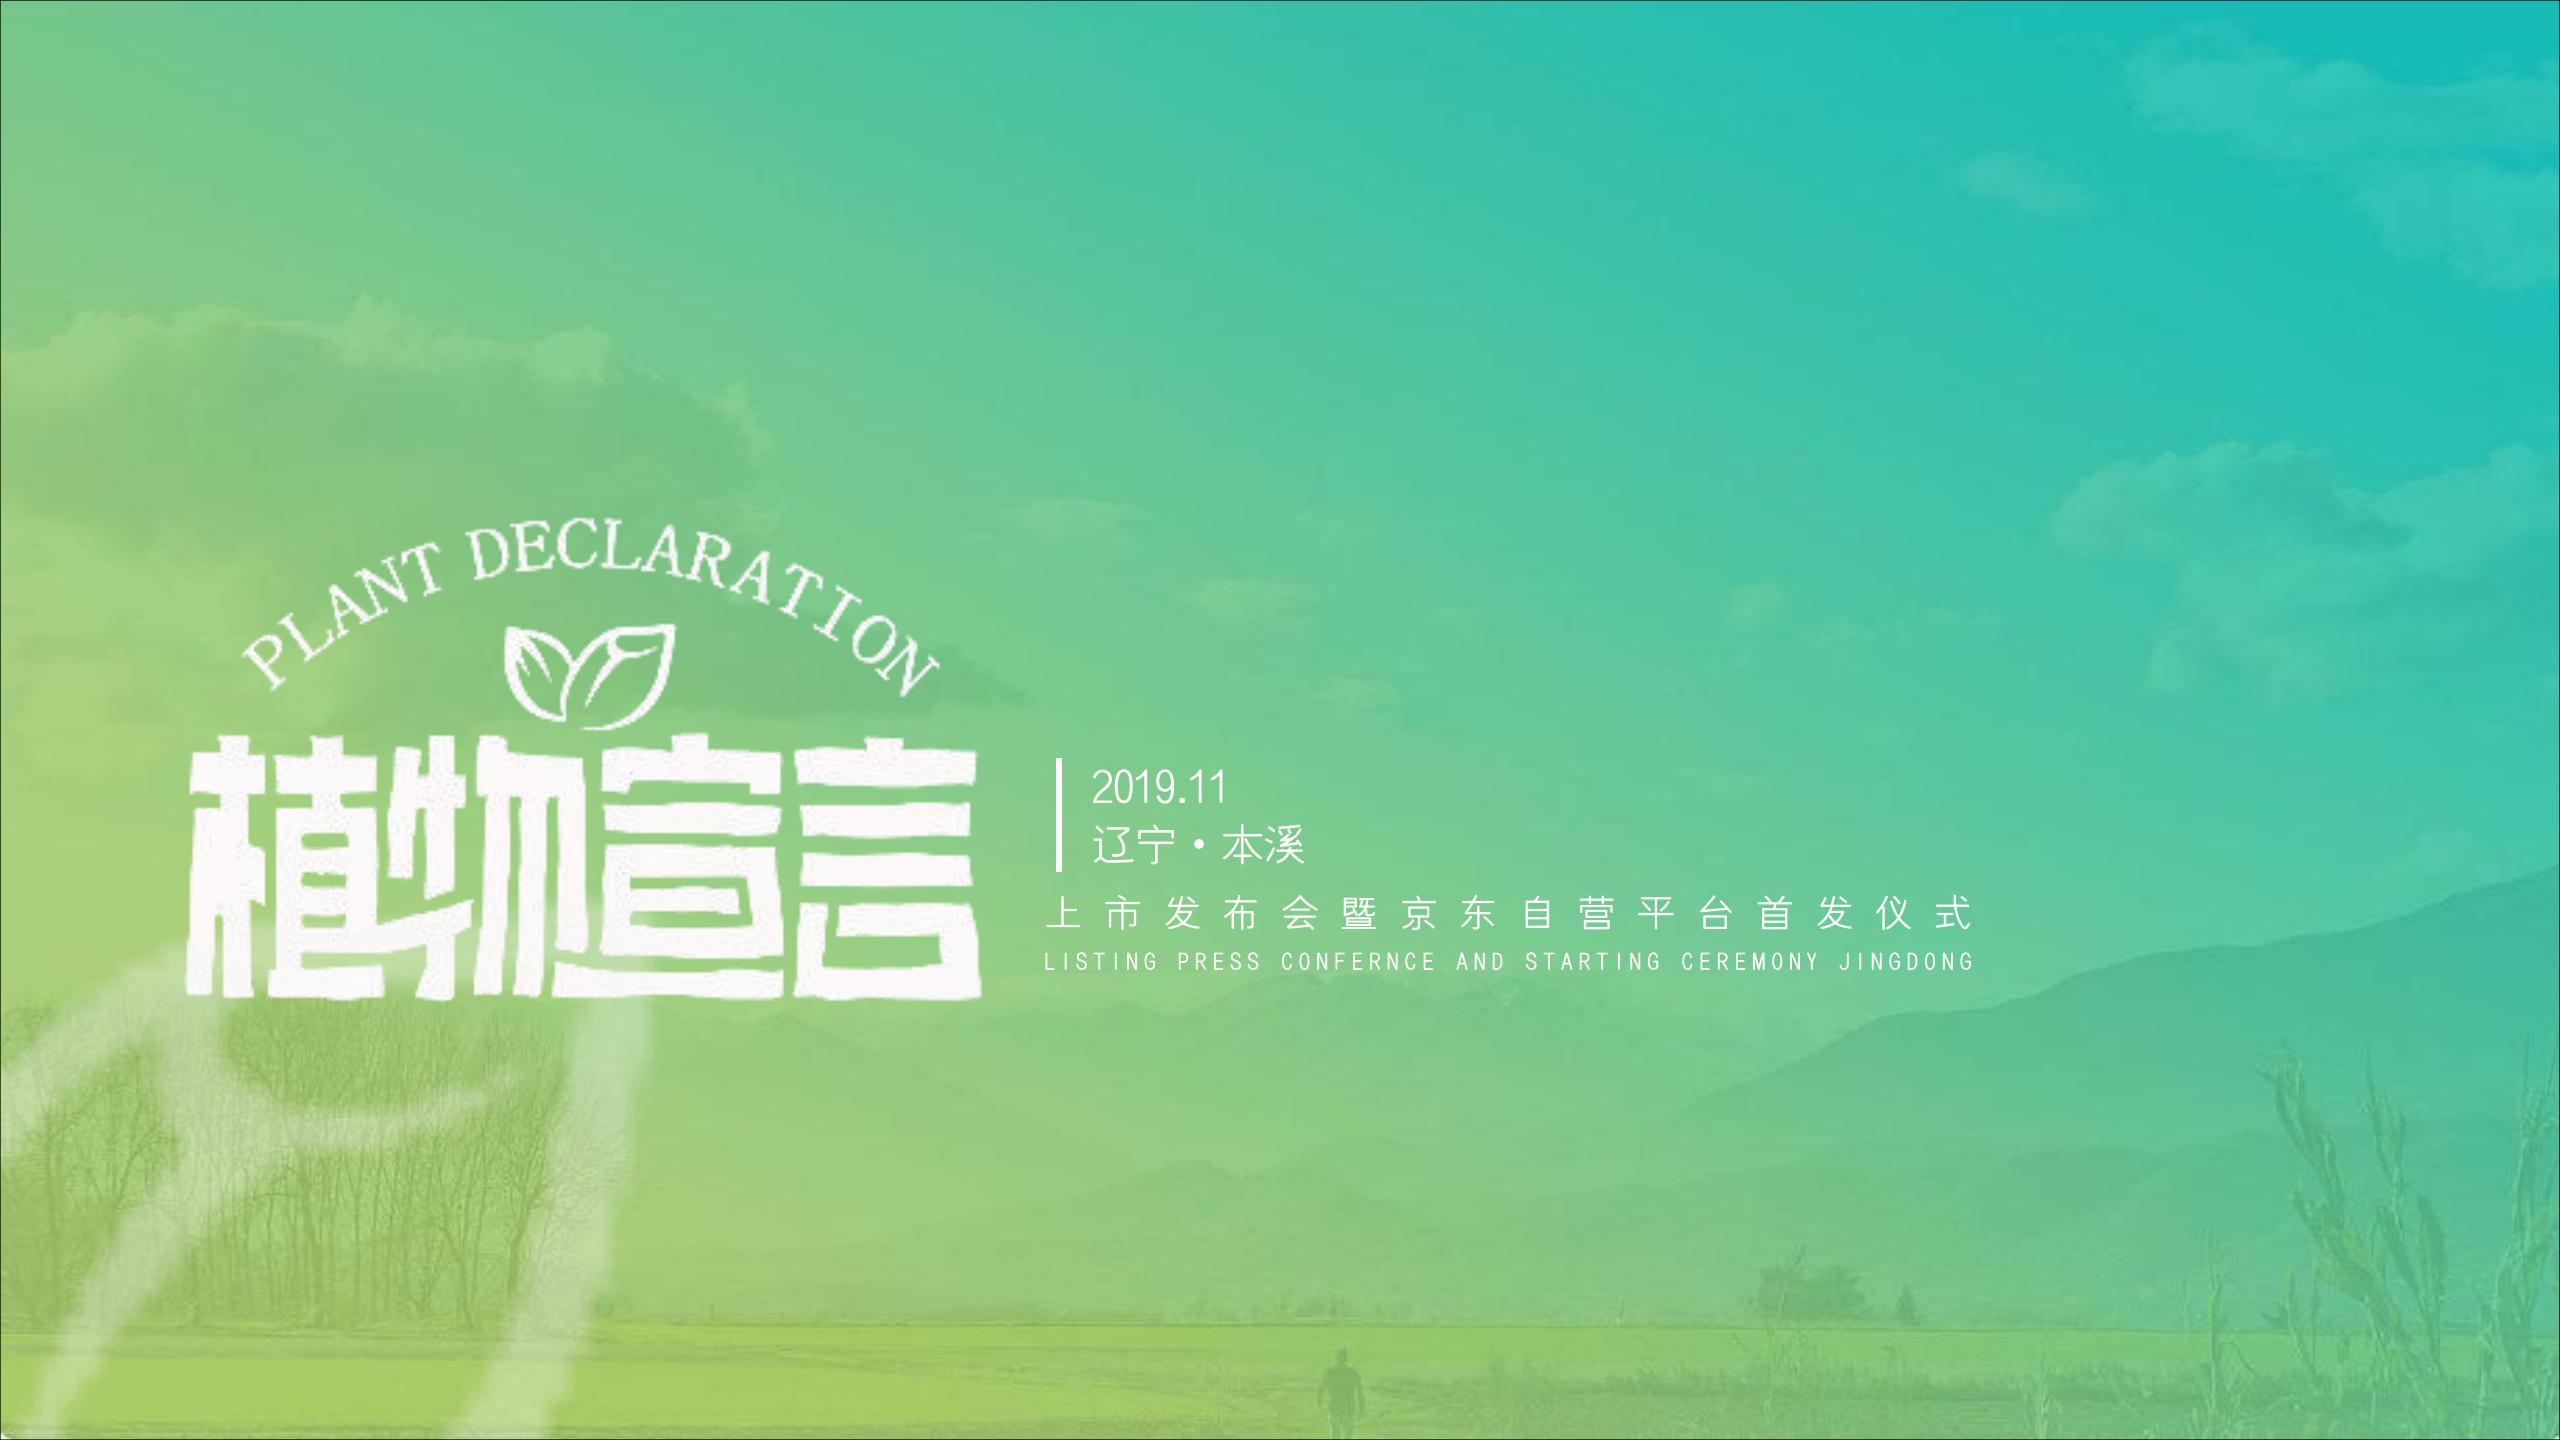 植物宣言新品上市发布会,暨京东自营平台首发仪式活动方案